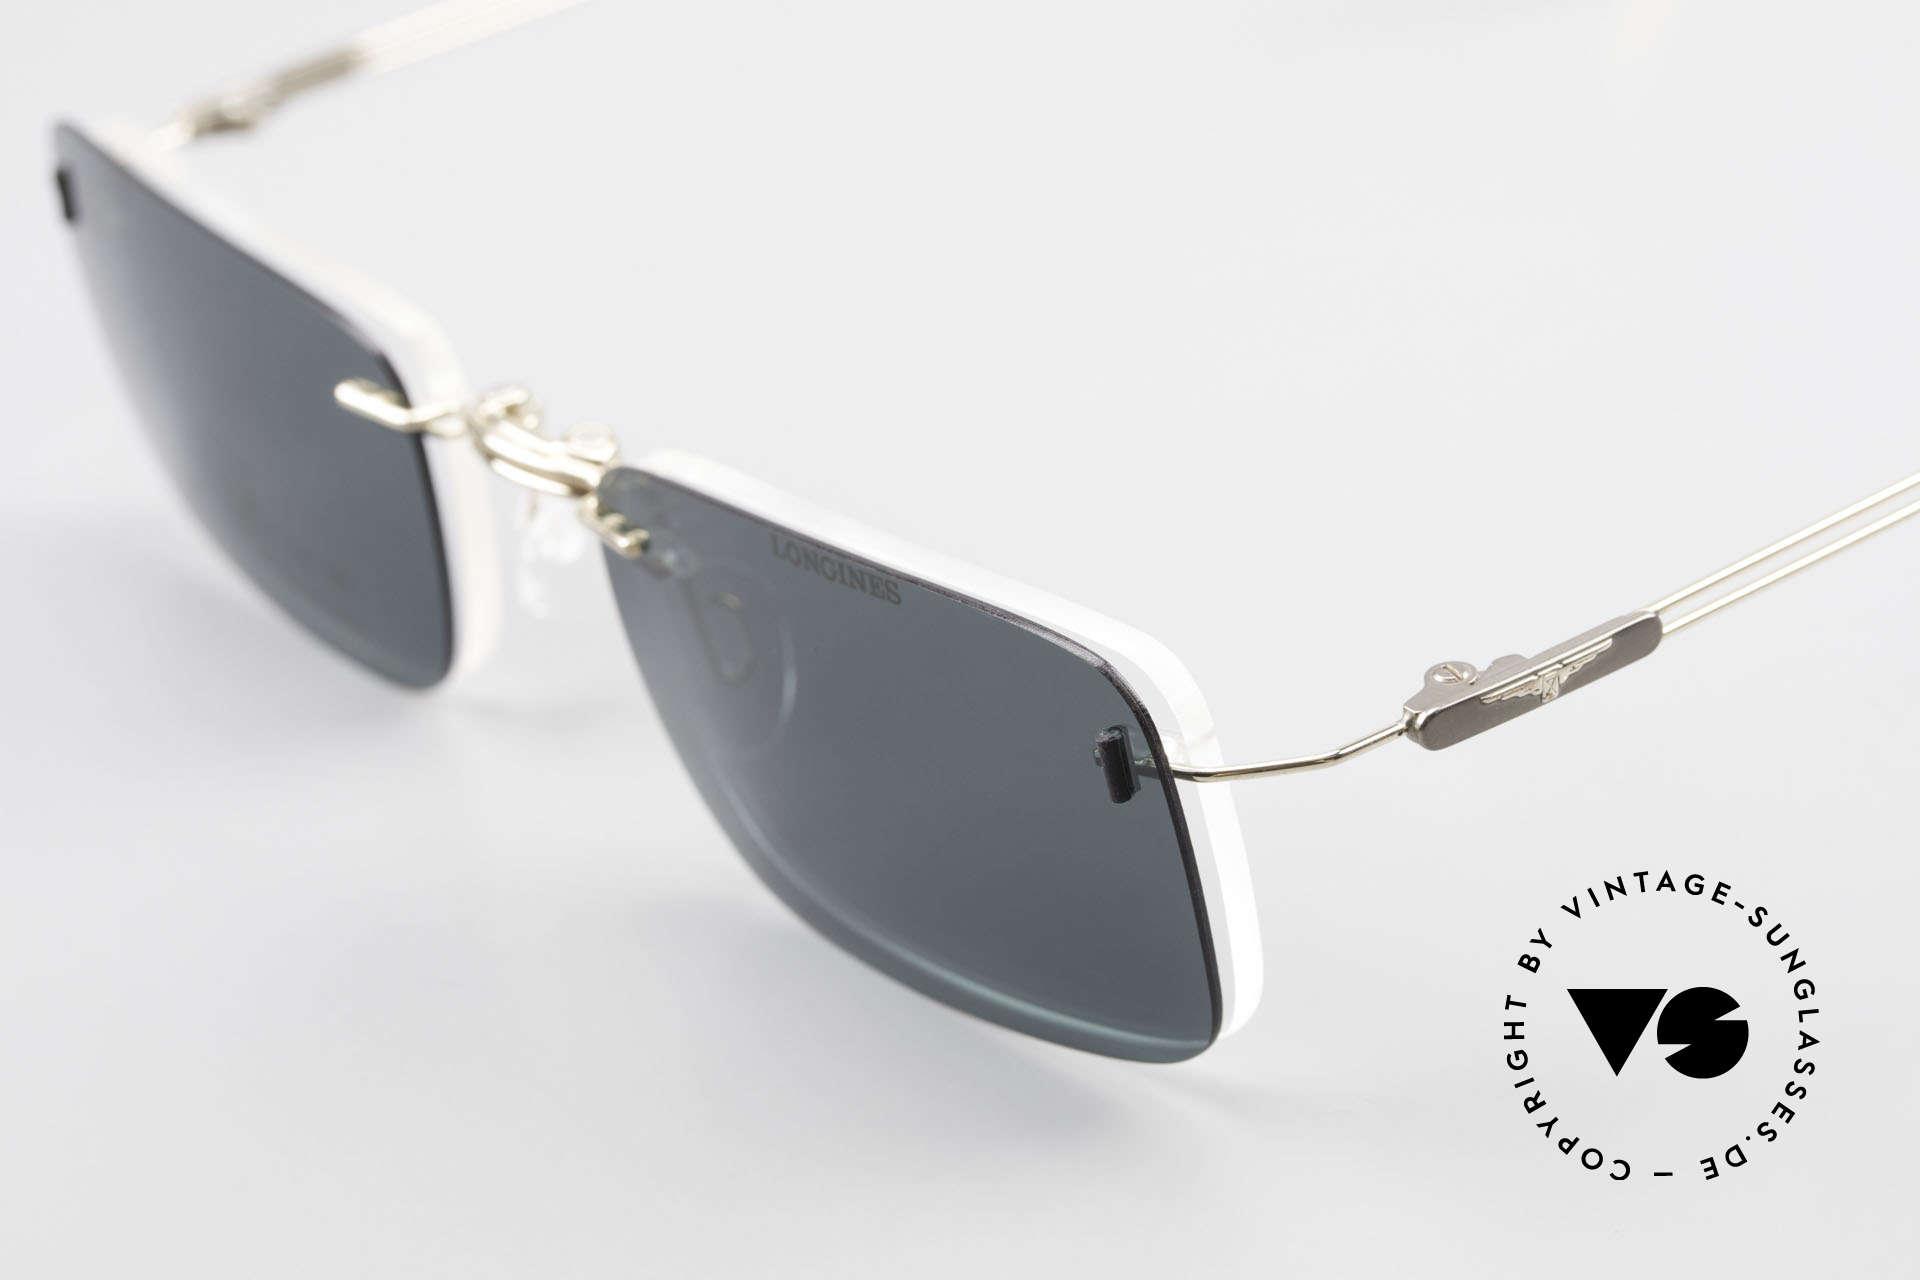 Longines 4367 Polarisierende Brille Randlos, Fassung kann natürlich beliebig optisch verglast werden, Passend für Herren